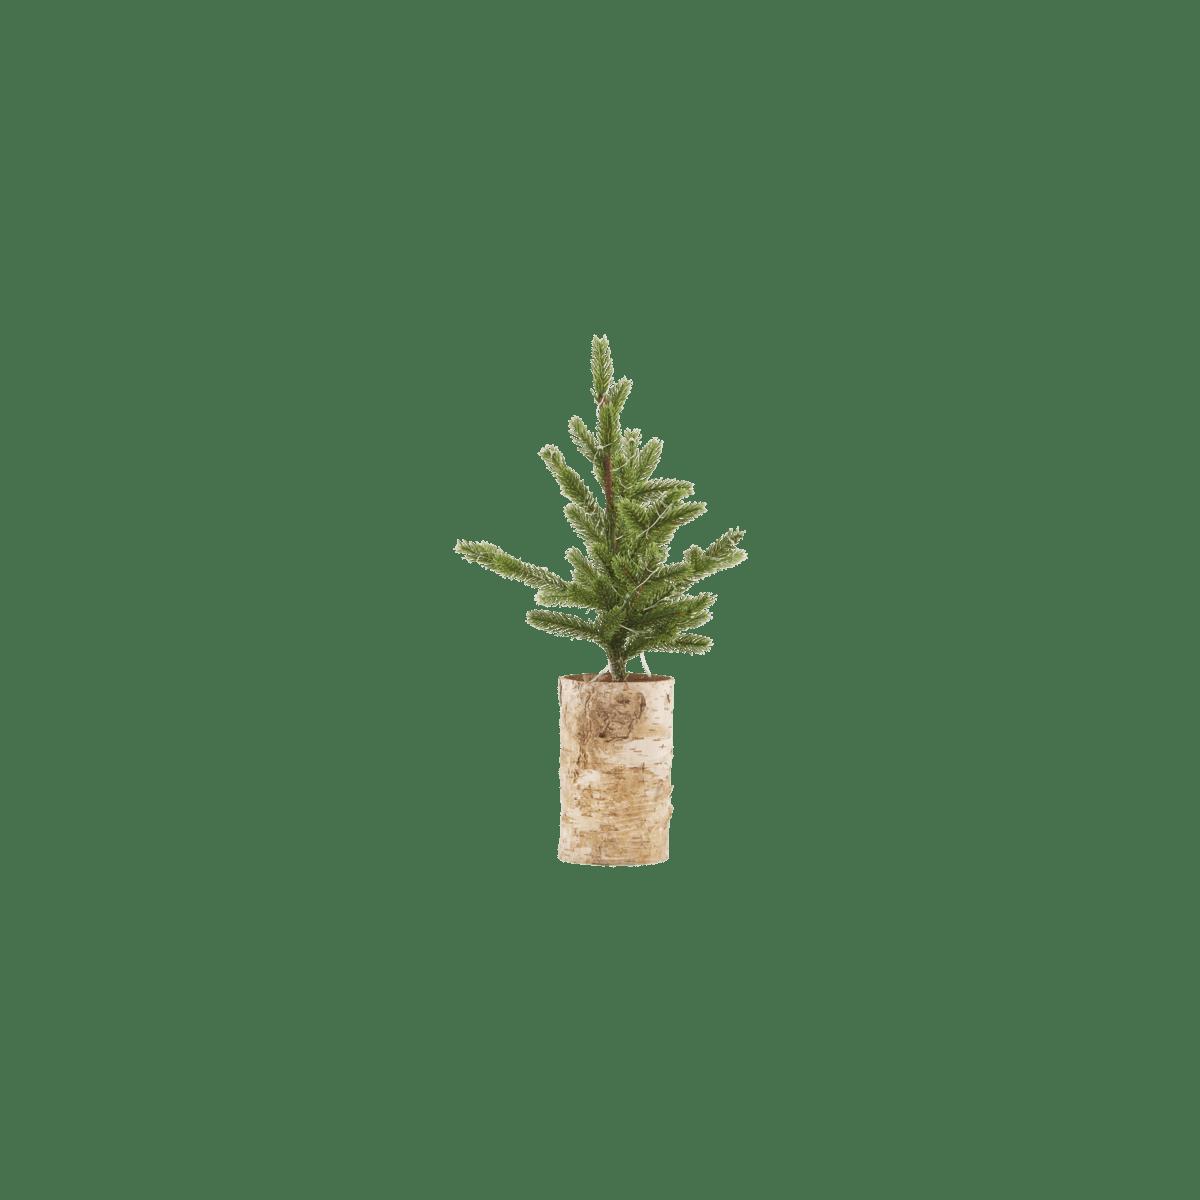 Vánoční stromek se světýlky Wooden Base stolu malý